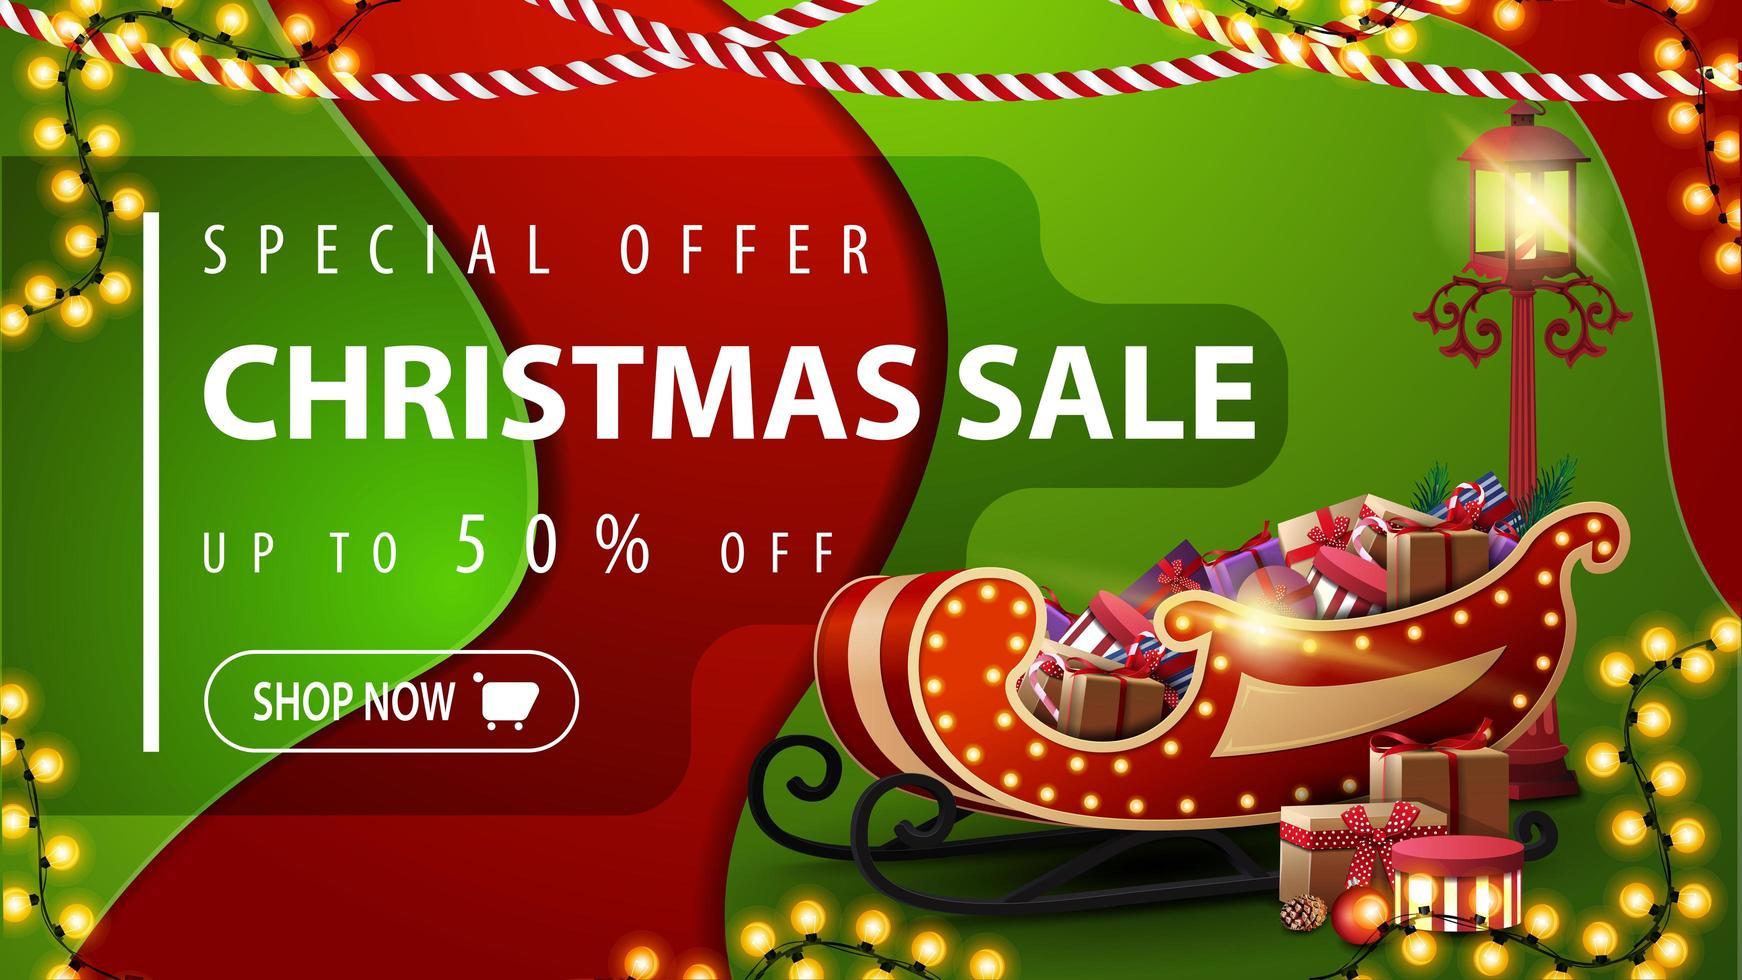 oferta especial, liquidação de natal, até 50 de desconto, banner de desconto vermelho e verde no estilo material design com guirlandas, lanterna de mastro e trenó de Papai Noel com presentes vetor